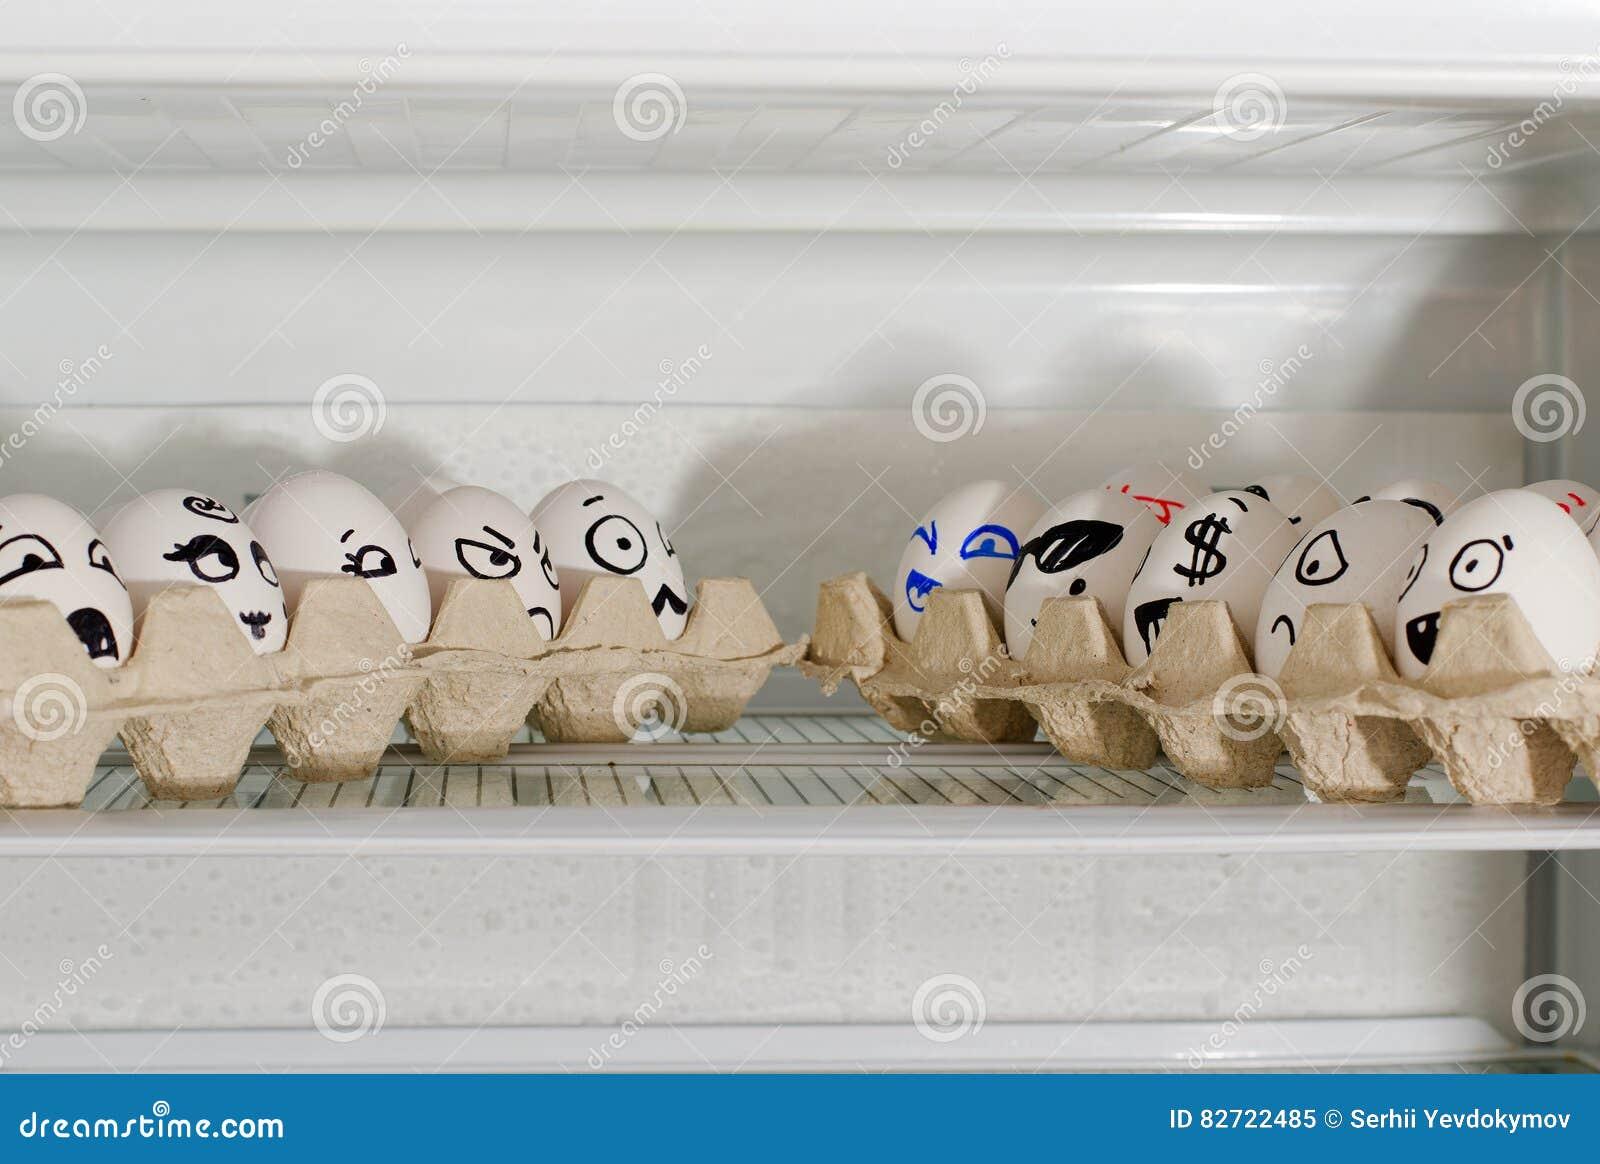 Kühlschrank Ei : Konzept der Überraschung eiern im kühlschrank in der nähe